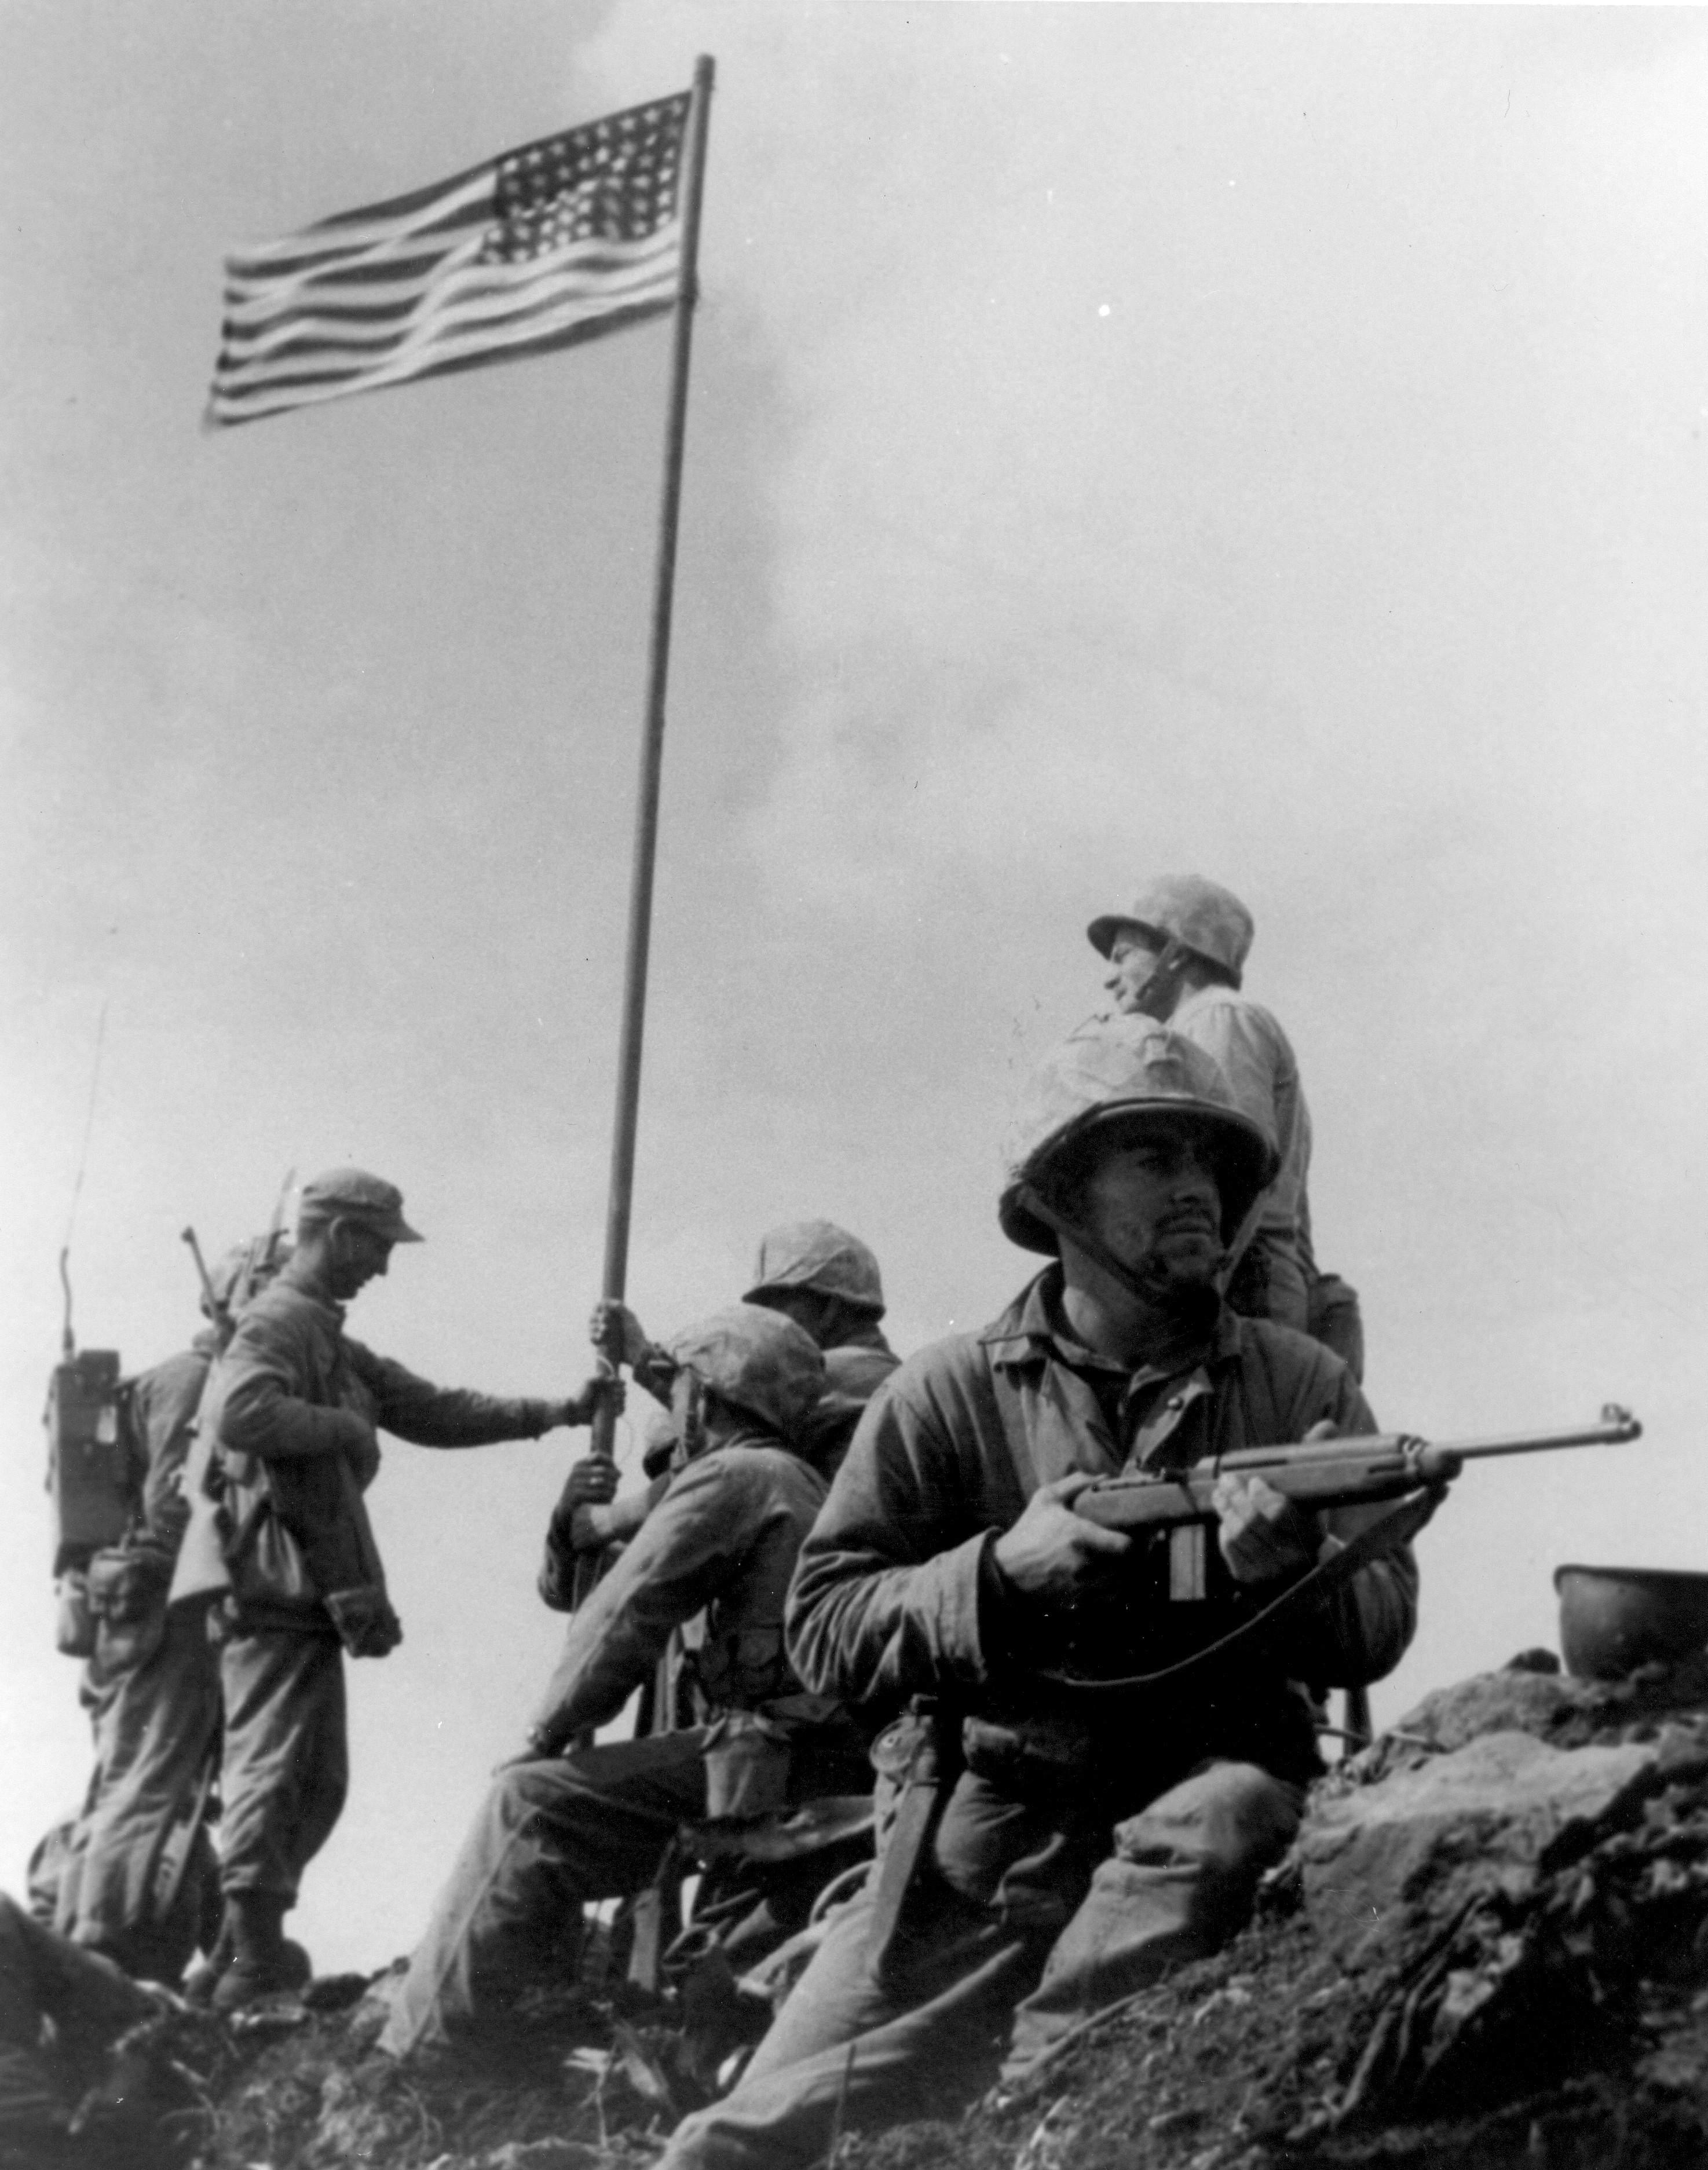 First Iwo Jima Flag Raising - Le drapeau américain est hissé à Iwo Jima, sous l'oeil d'un GI portant une carabine M1